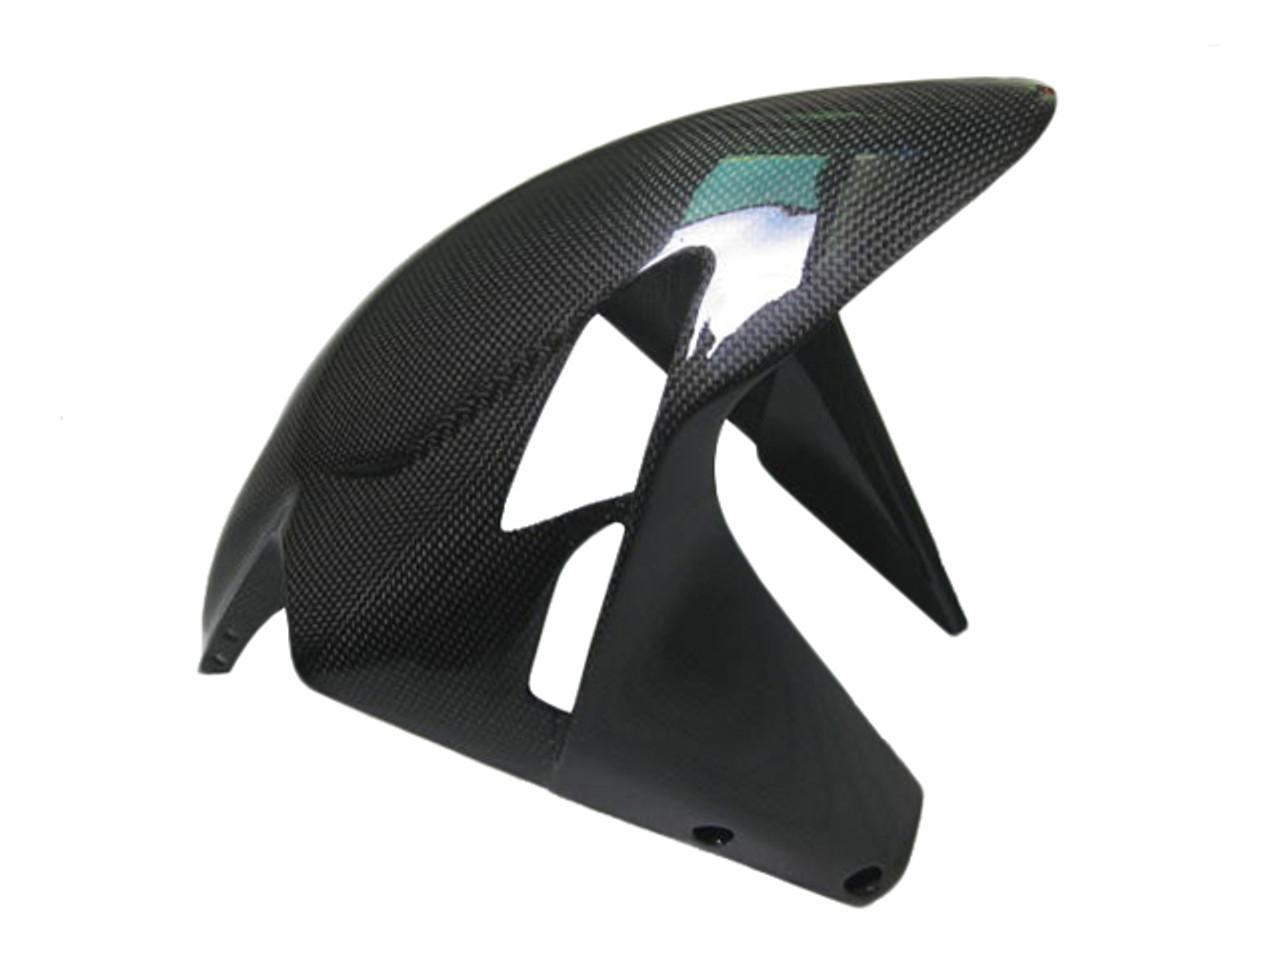 Glossy Plain Weave Carbon Fiber Front Fender for MV Agusta F3, Brutale  675/800 2013-2015